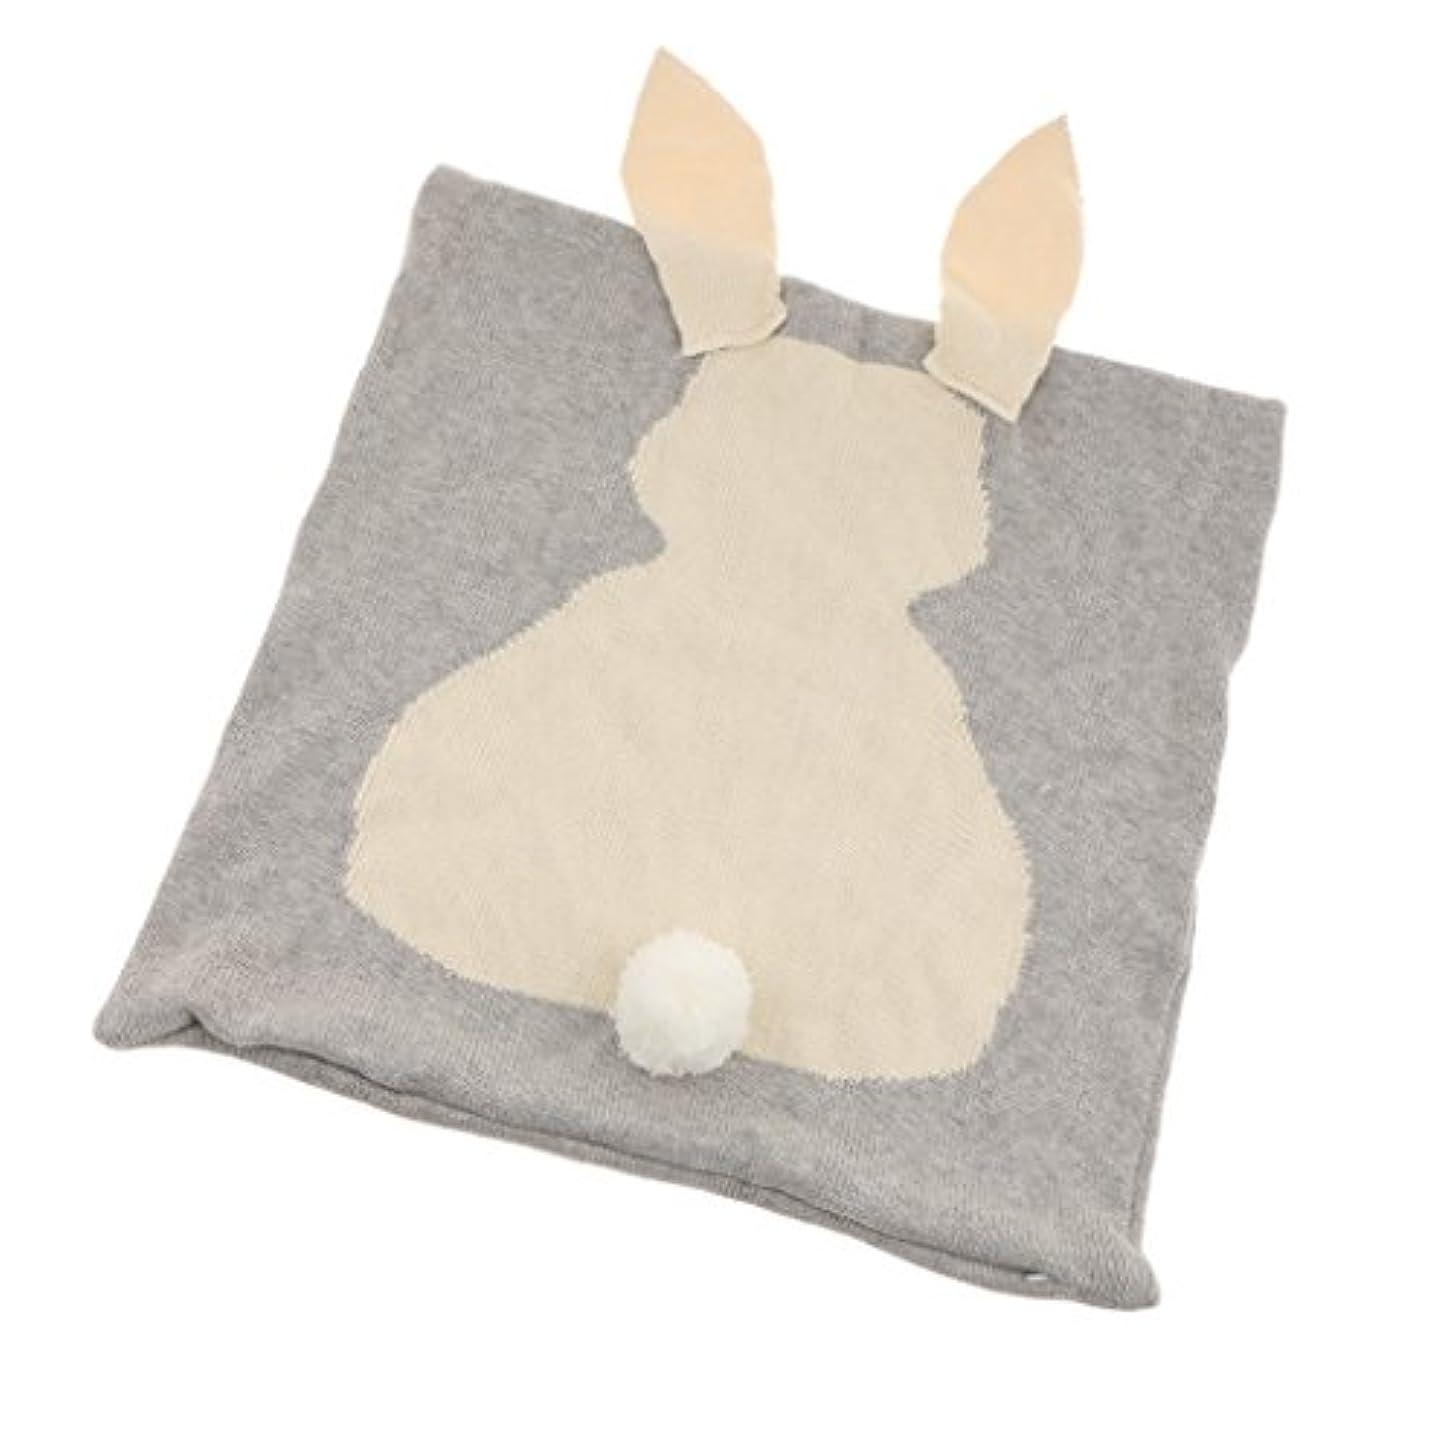 影響軍隊立ち寄るF Fityle コットンニットかわいいウサギ枕カバートロー枕ケース車のソファクッションカバー家の装飾(45 Cm X 45 Cm)